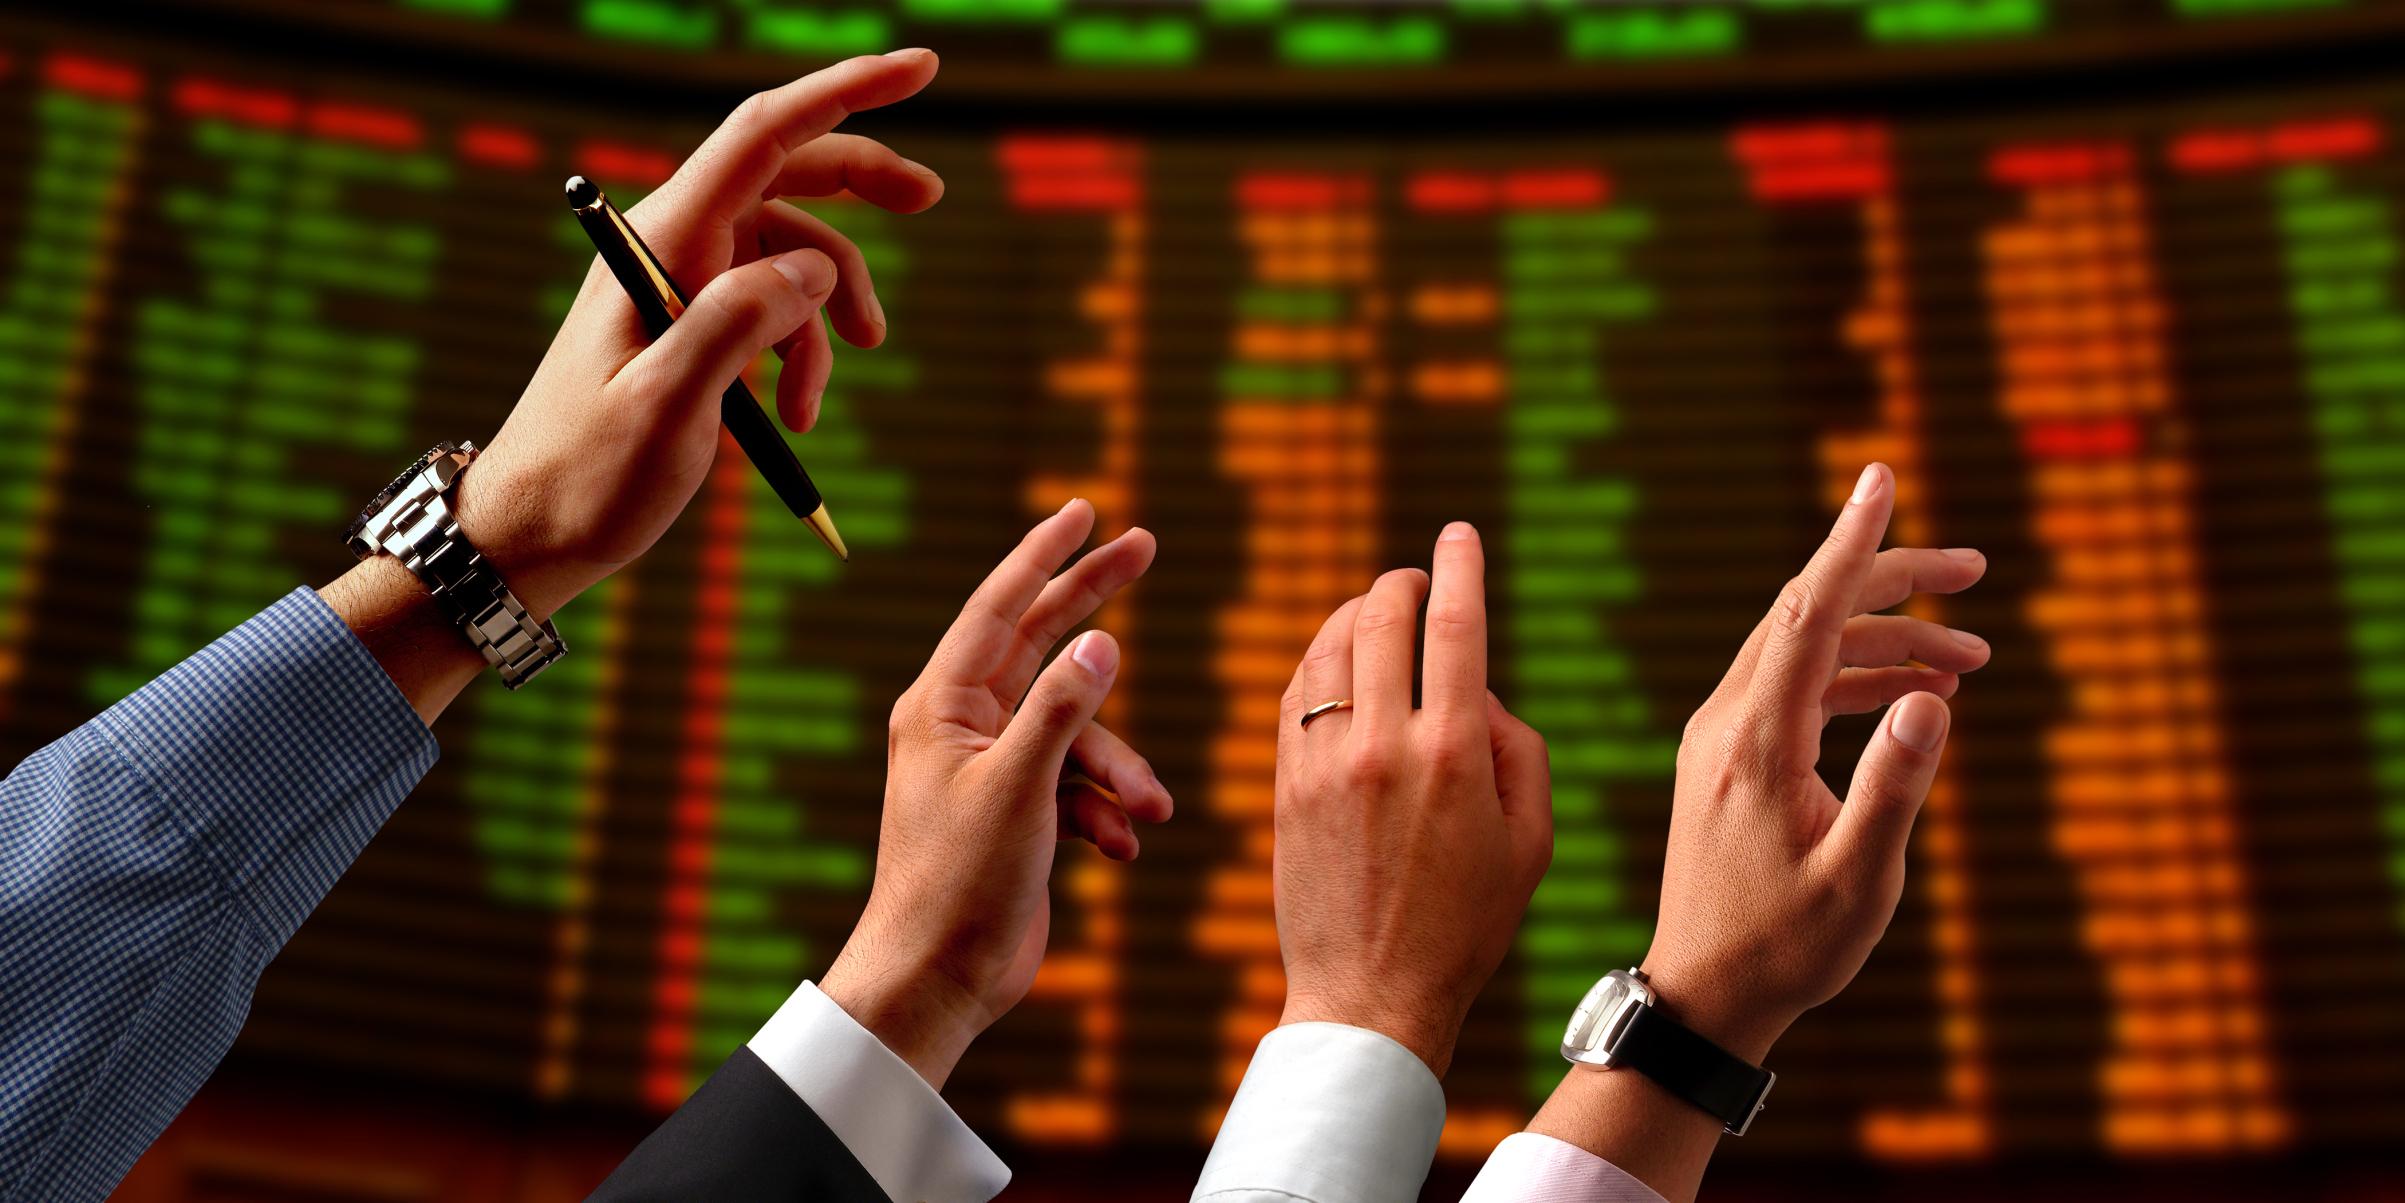 افت سهام نفتیها و فلزیها در بازار بورس امروز